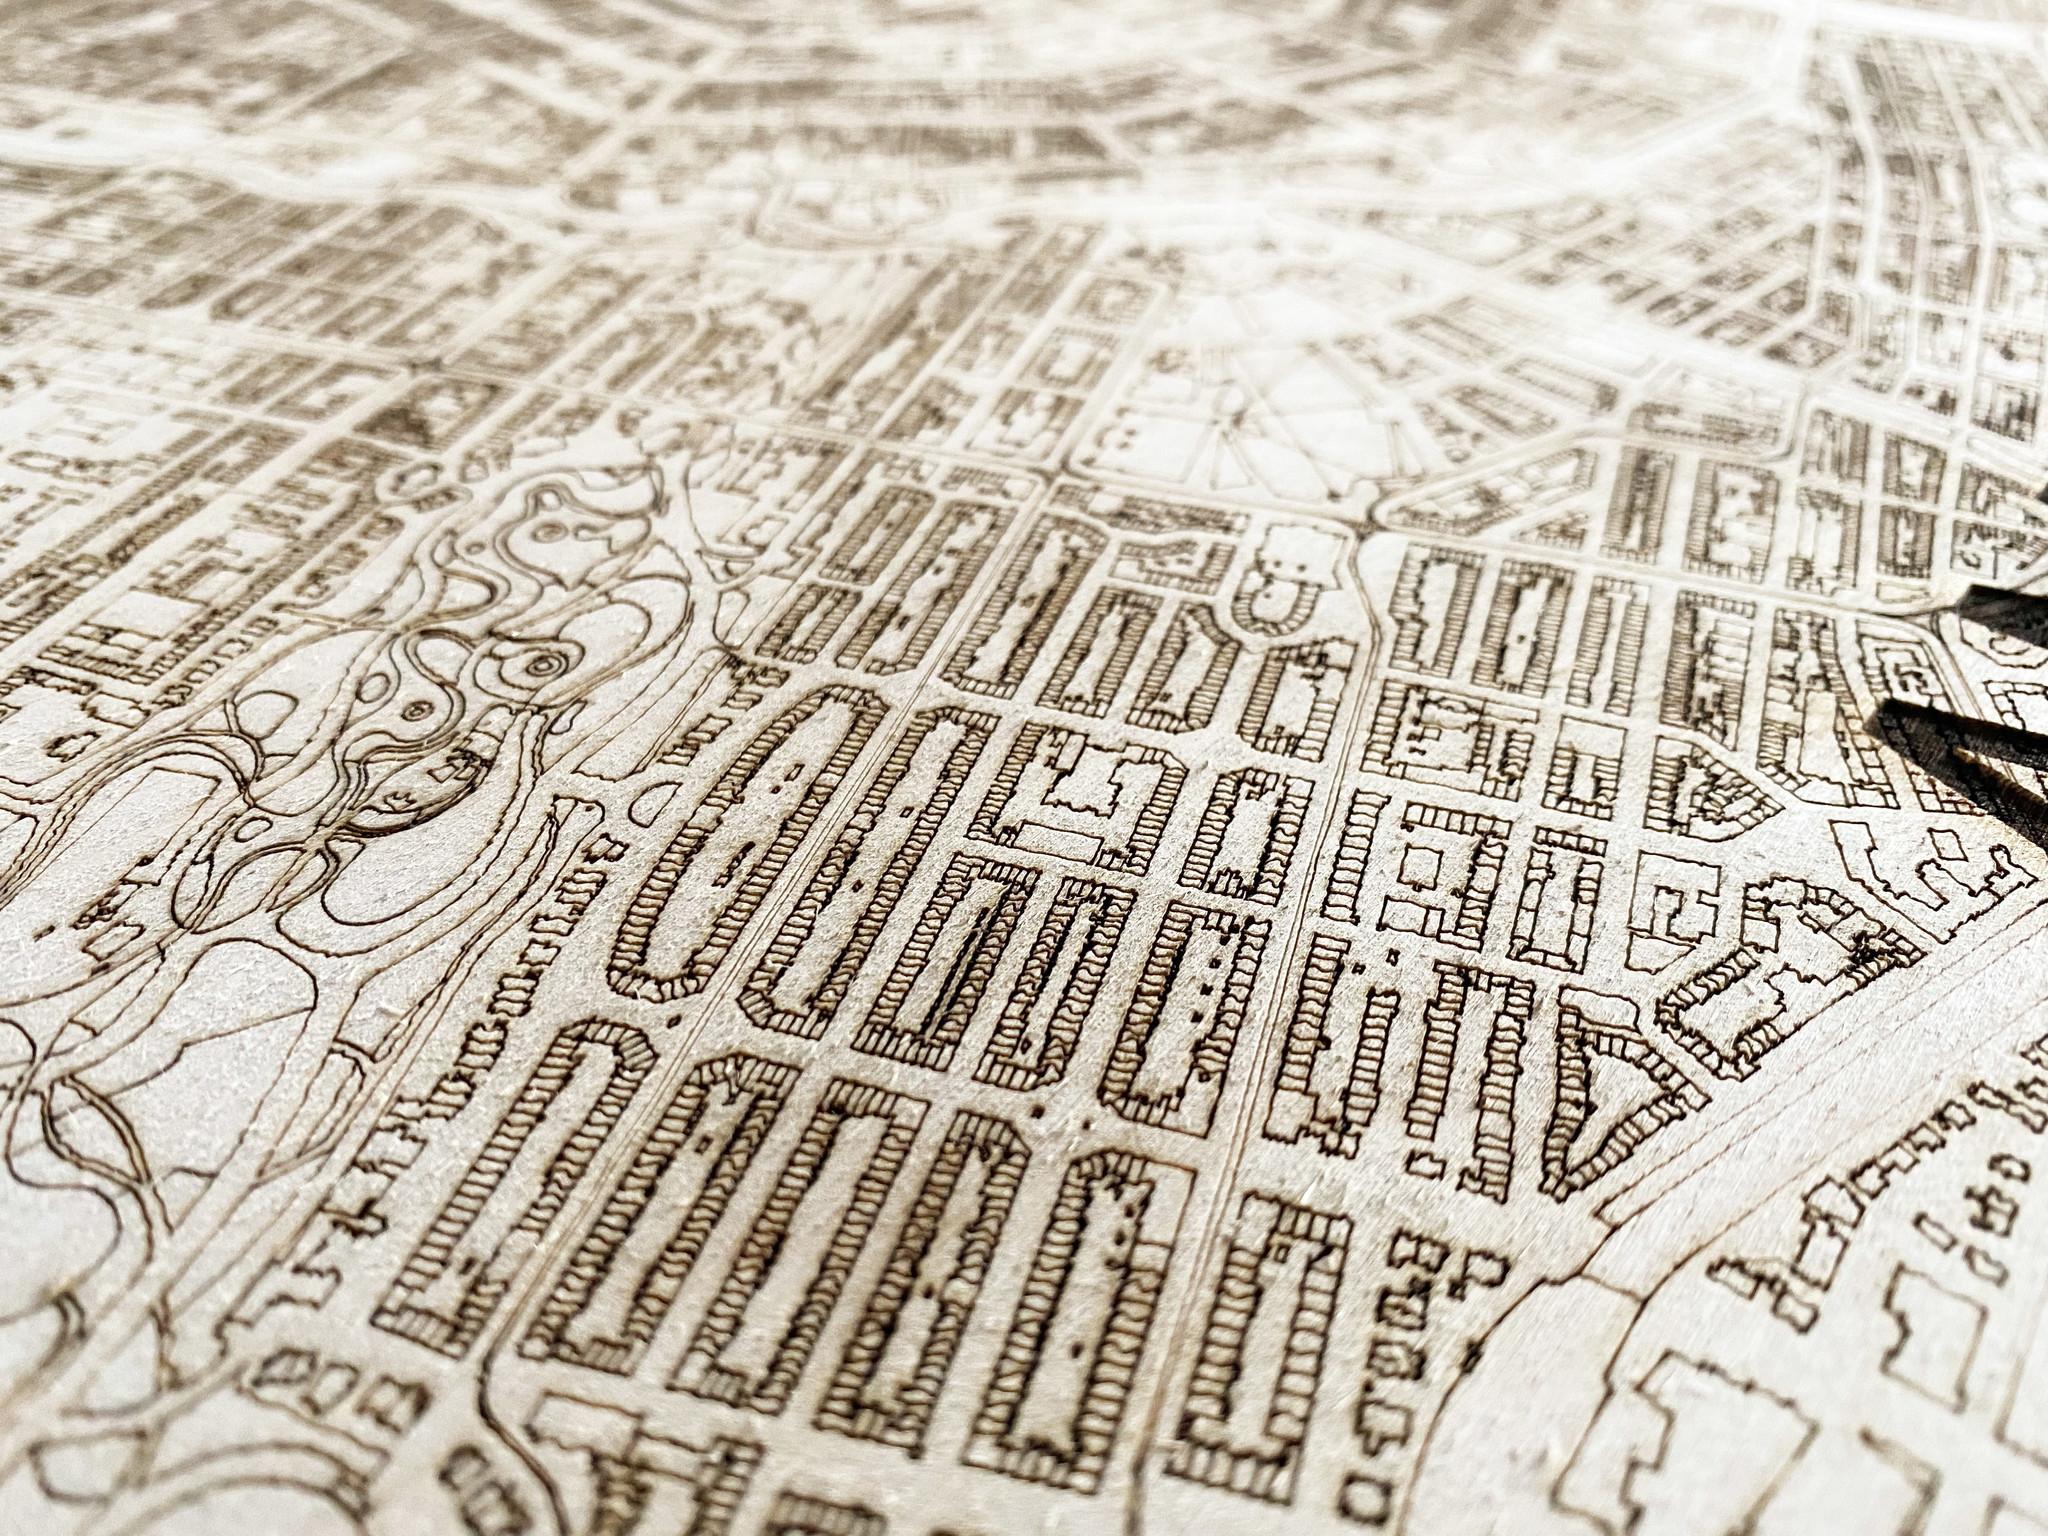 Houten stadsplattegrond Eijsden-3